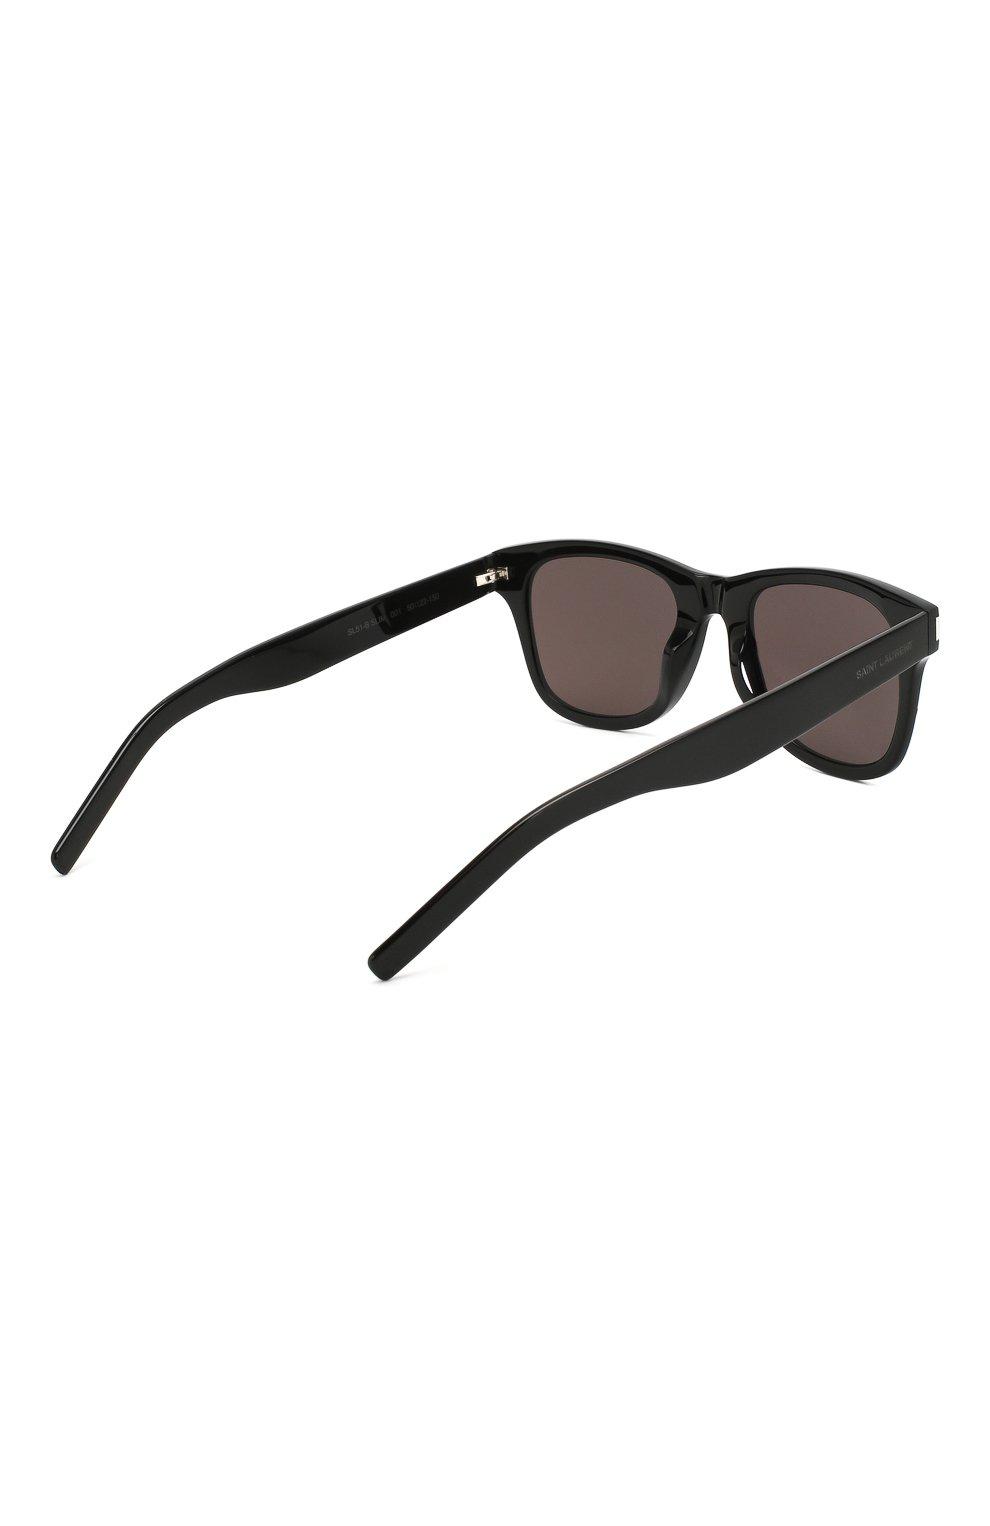 Женские солнцезащитные очки SAINT LAURENT коричневого цвета, арт. SL 51-B SLIM 001   Фото 5